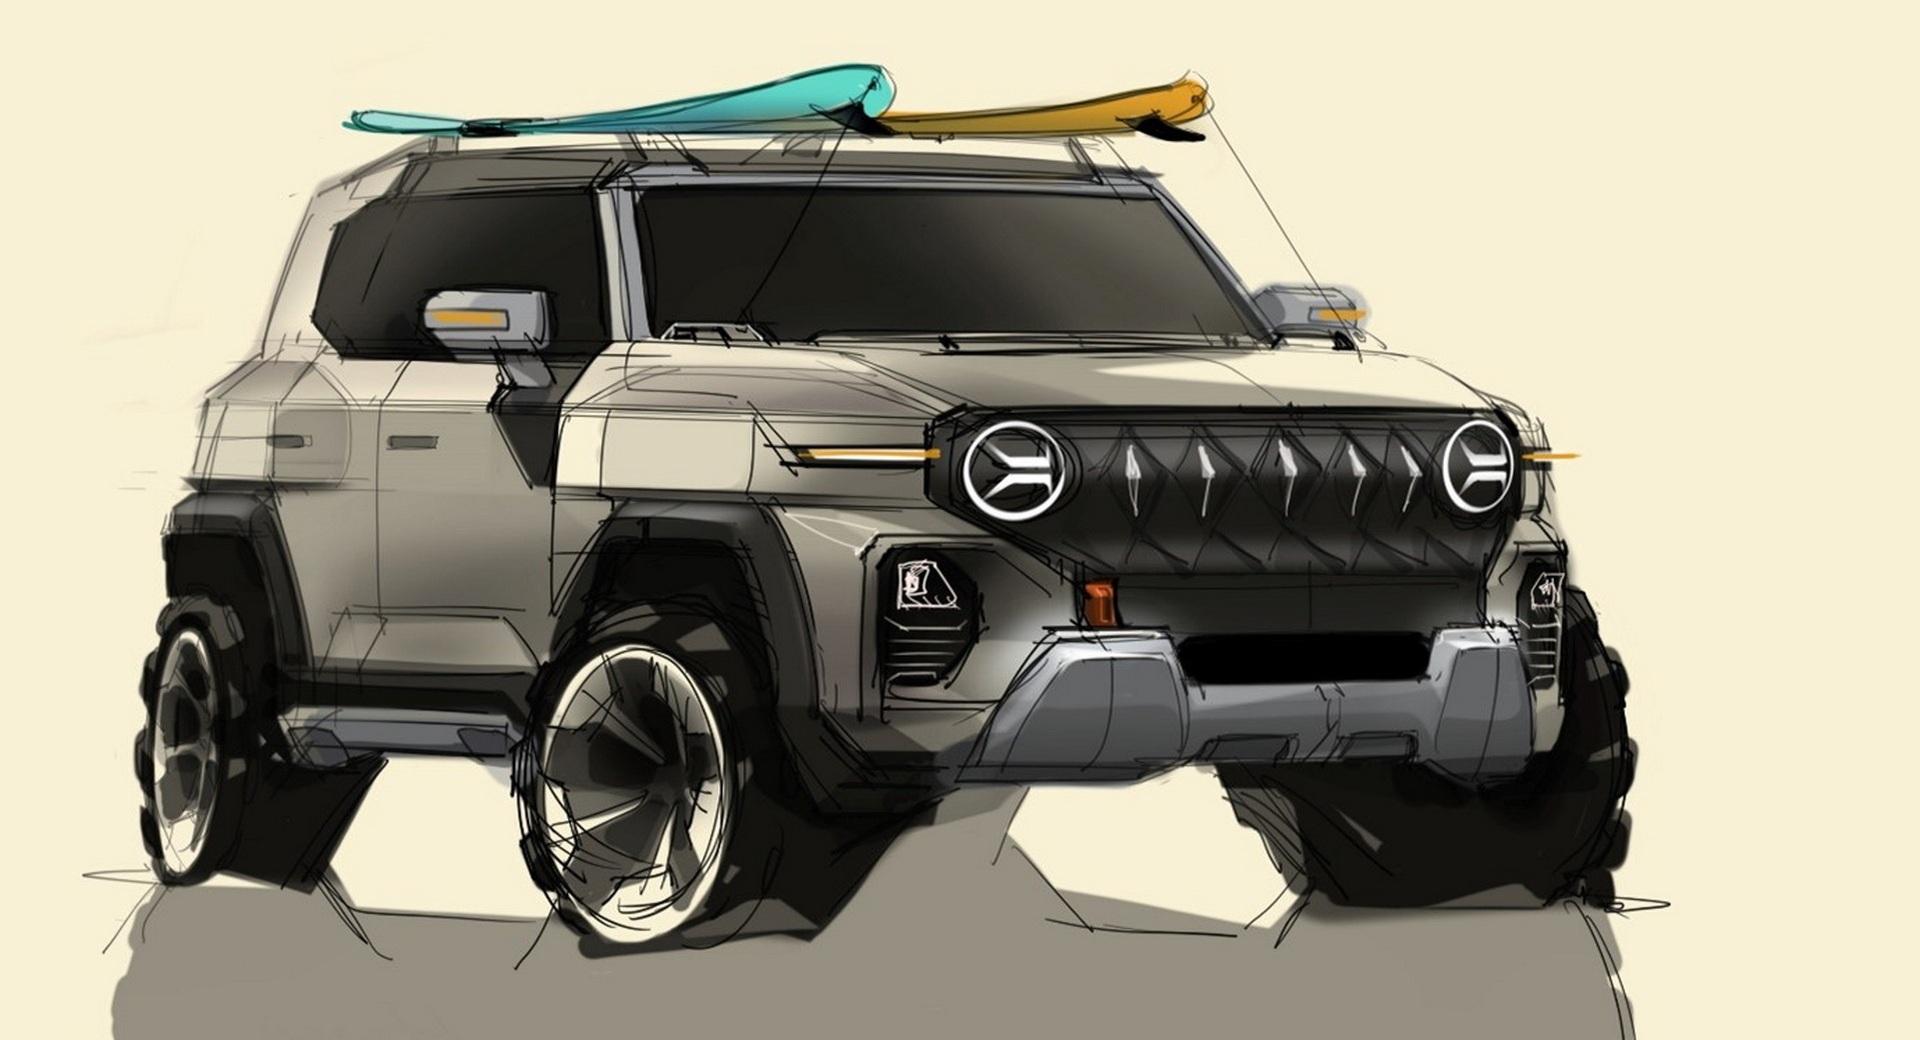 Ssangyong hé lộ thiết kế của mẫu SUV mới